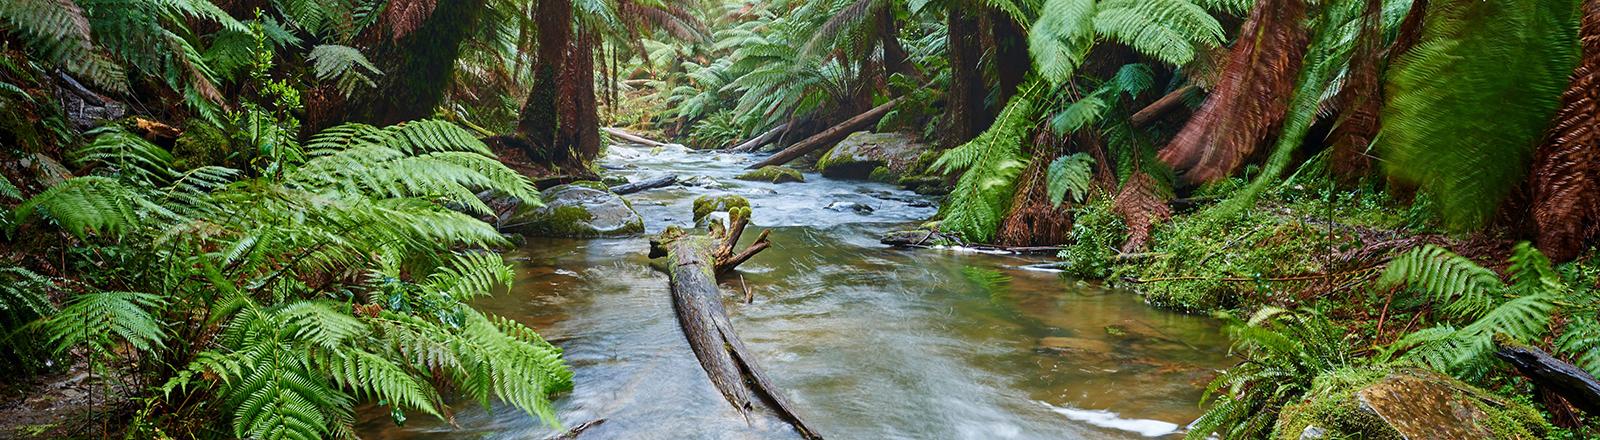 Ein Bach führt durch einen Dschungel.